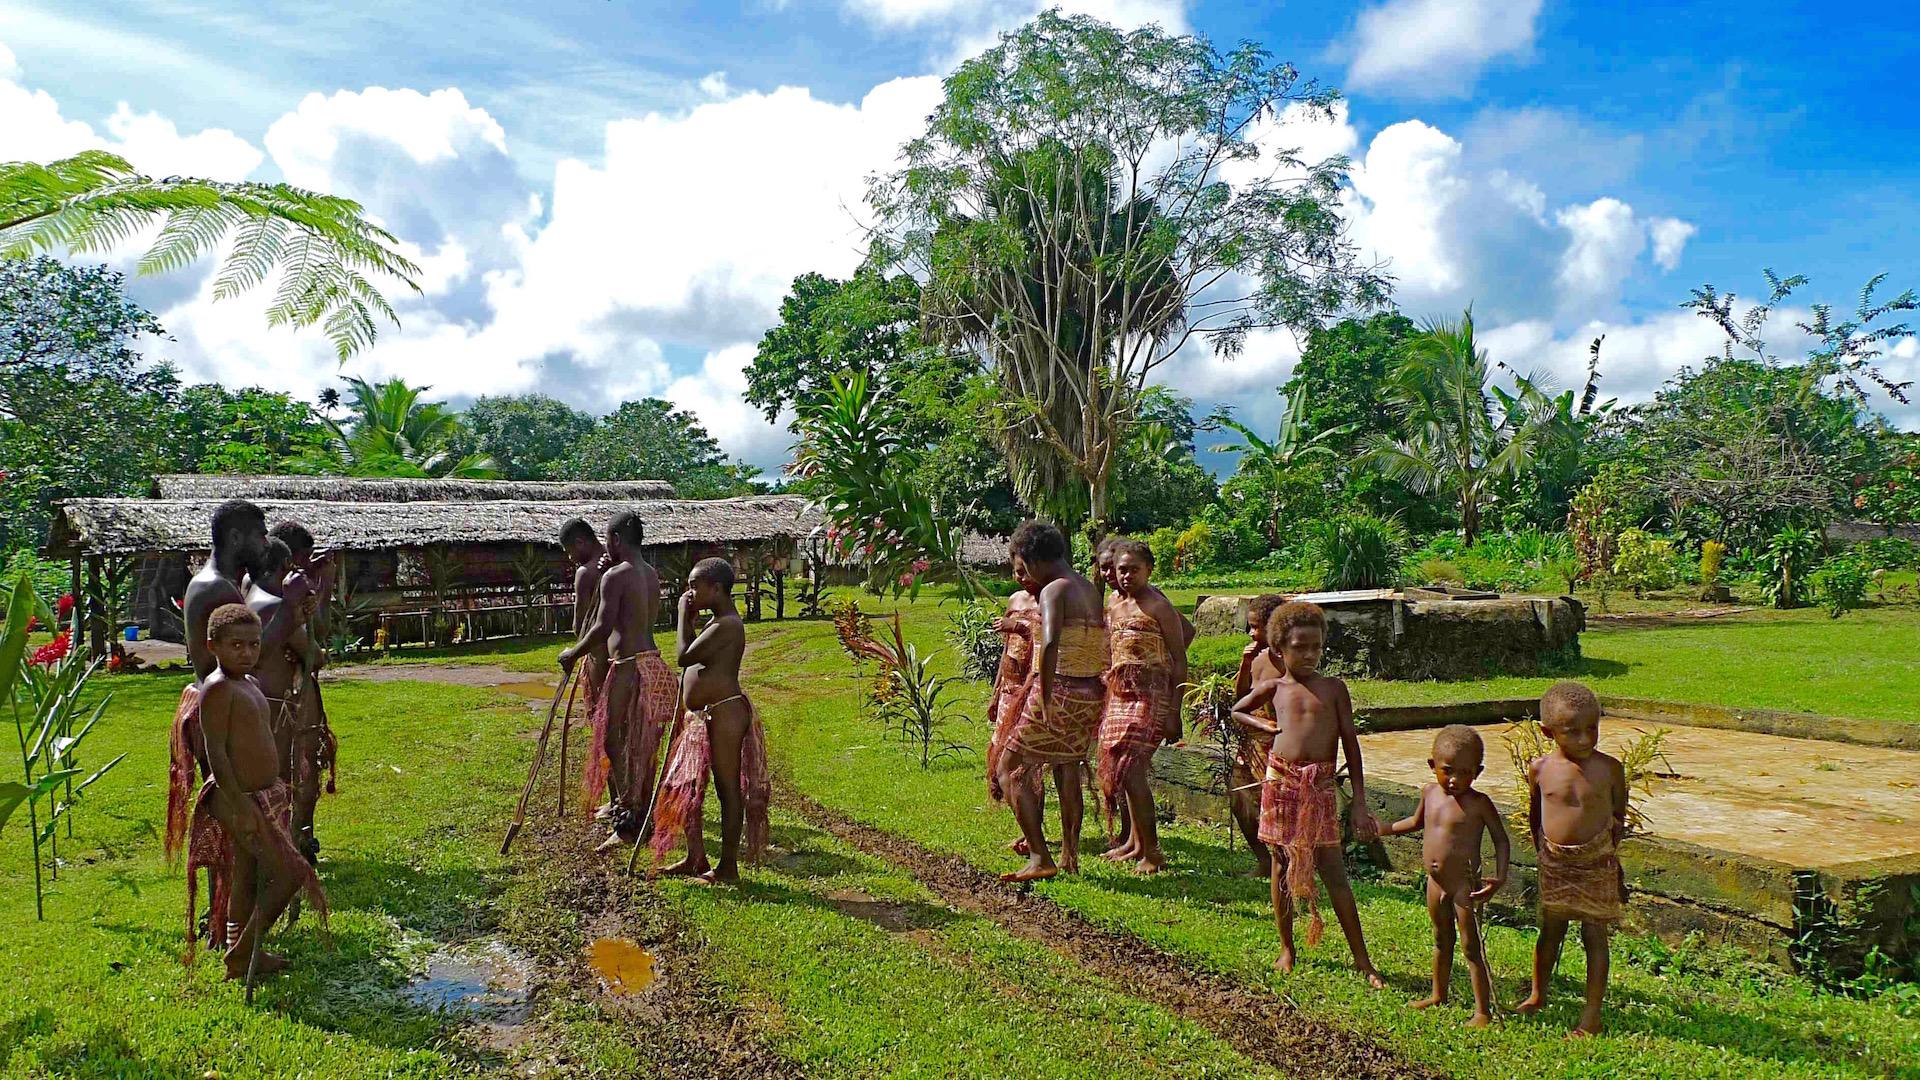 Fanafu village, Vanuatu